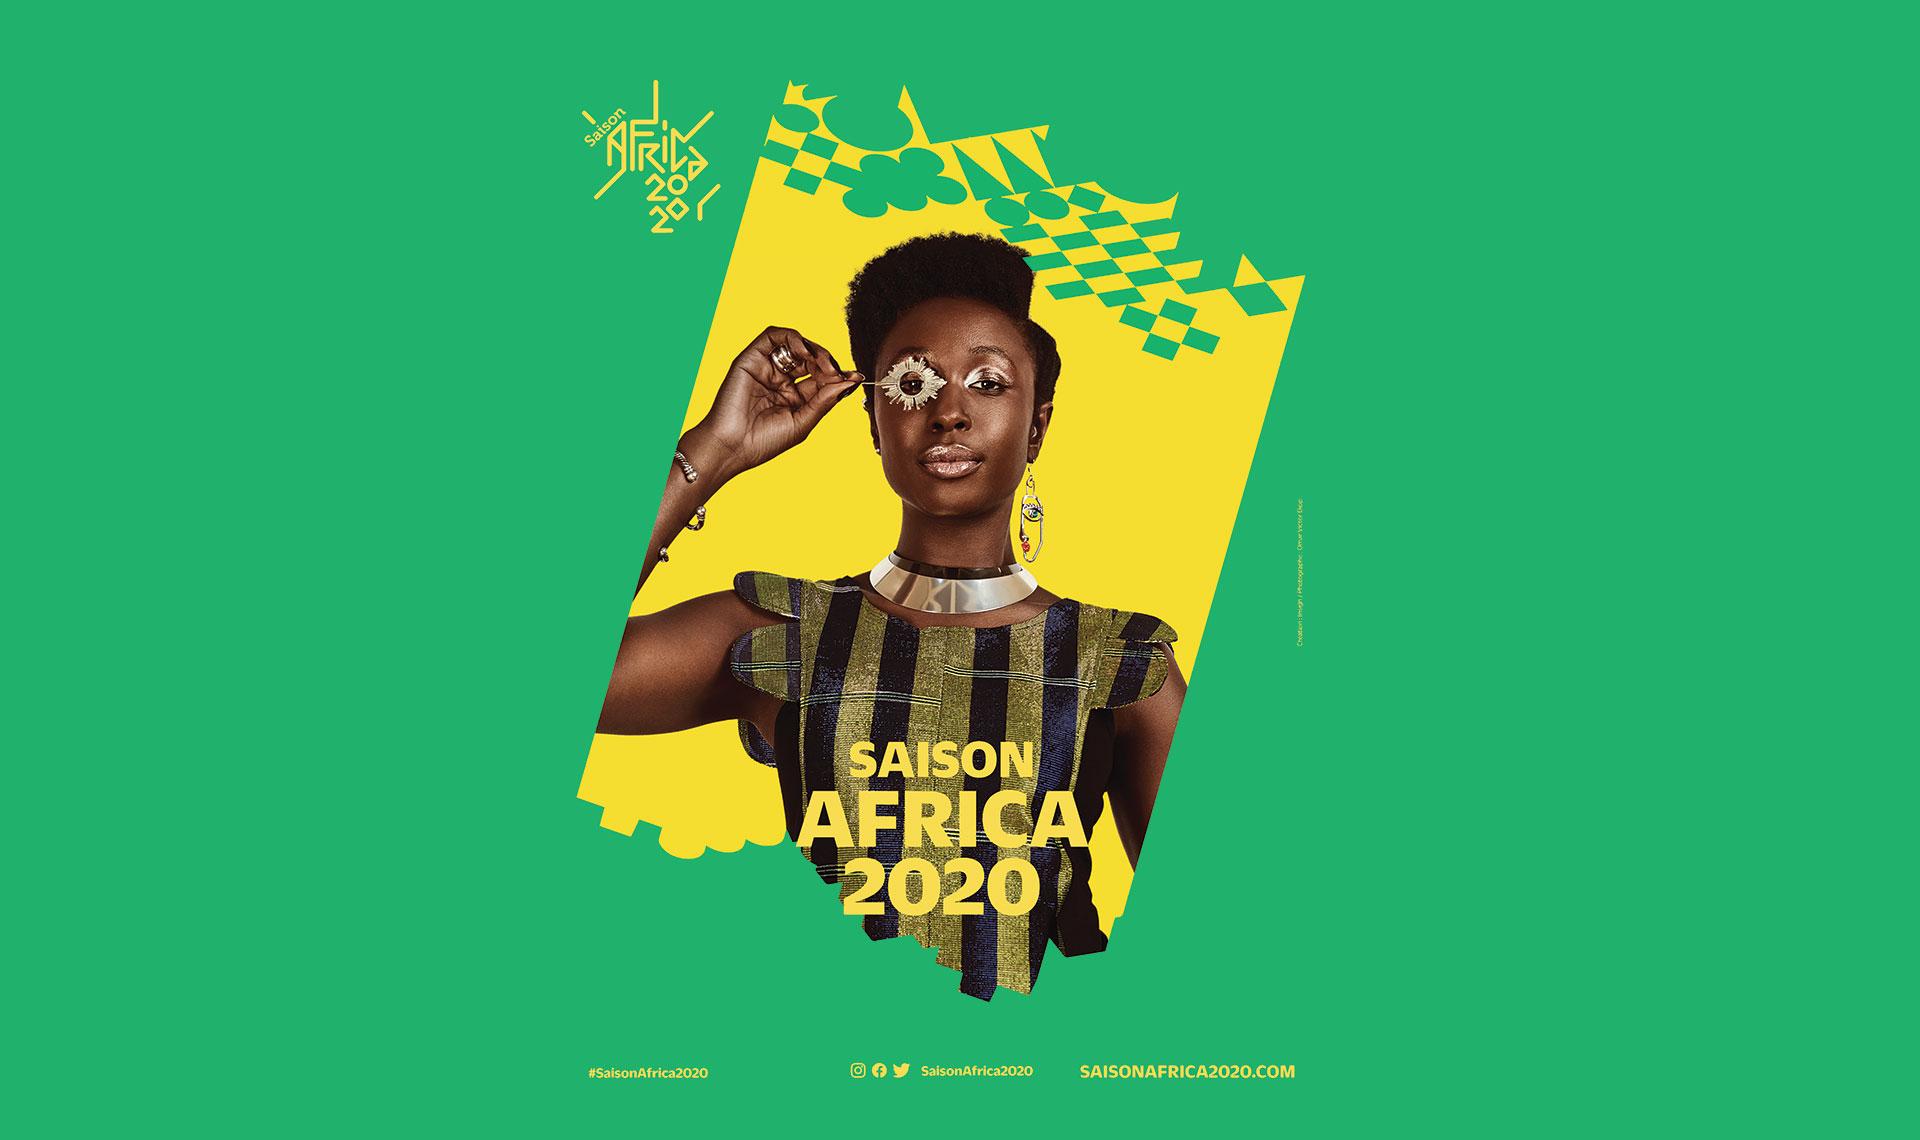 Direct -La place des femmes africaines dans la transmission. Bibliothèque Marguerite Durand (BMD) Paris